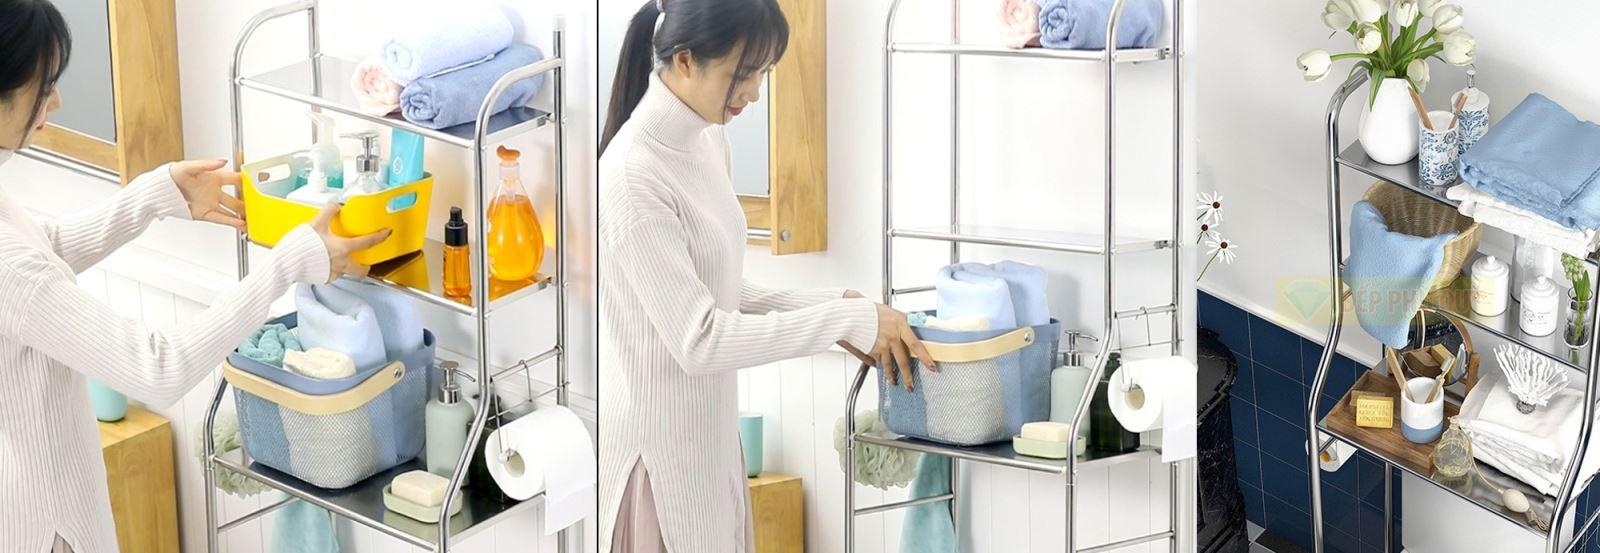 kệ để đồ trên máy giặt tiện dụng